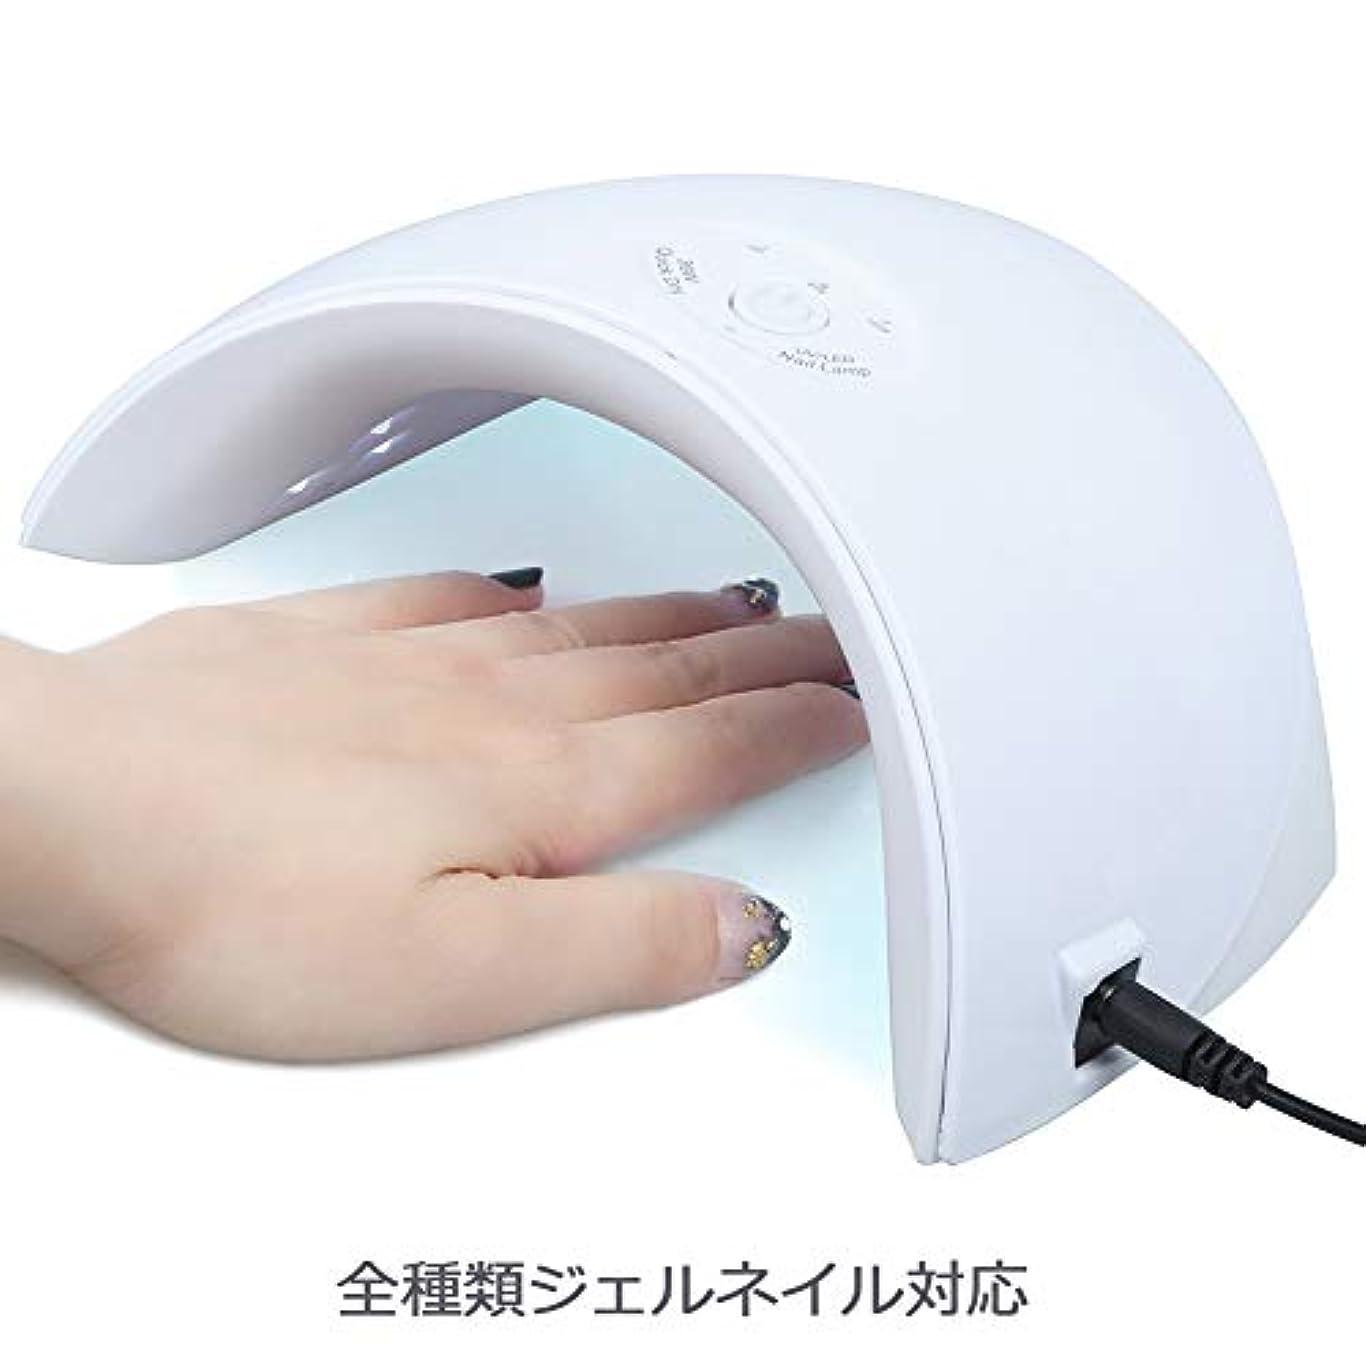 アスレチック誘惑ギャップTwinkle Store 36Wホワイト ネイルライト  硬化用UV/LEDライト ネイルドライヤー ネイル道具?ケアツール 硬化用ライト マニキュア ネイルアートツール